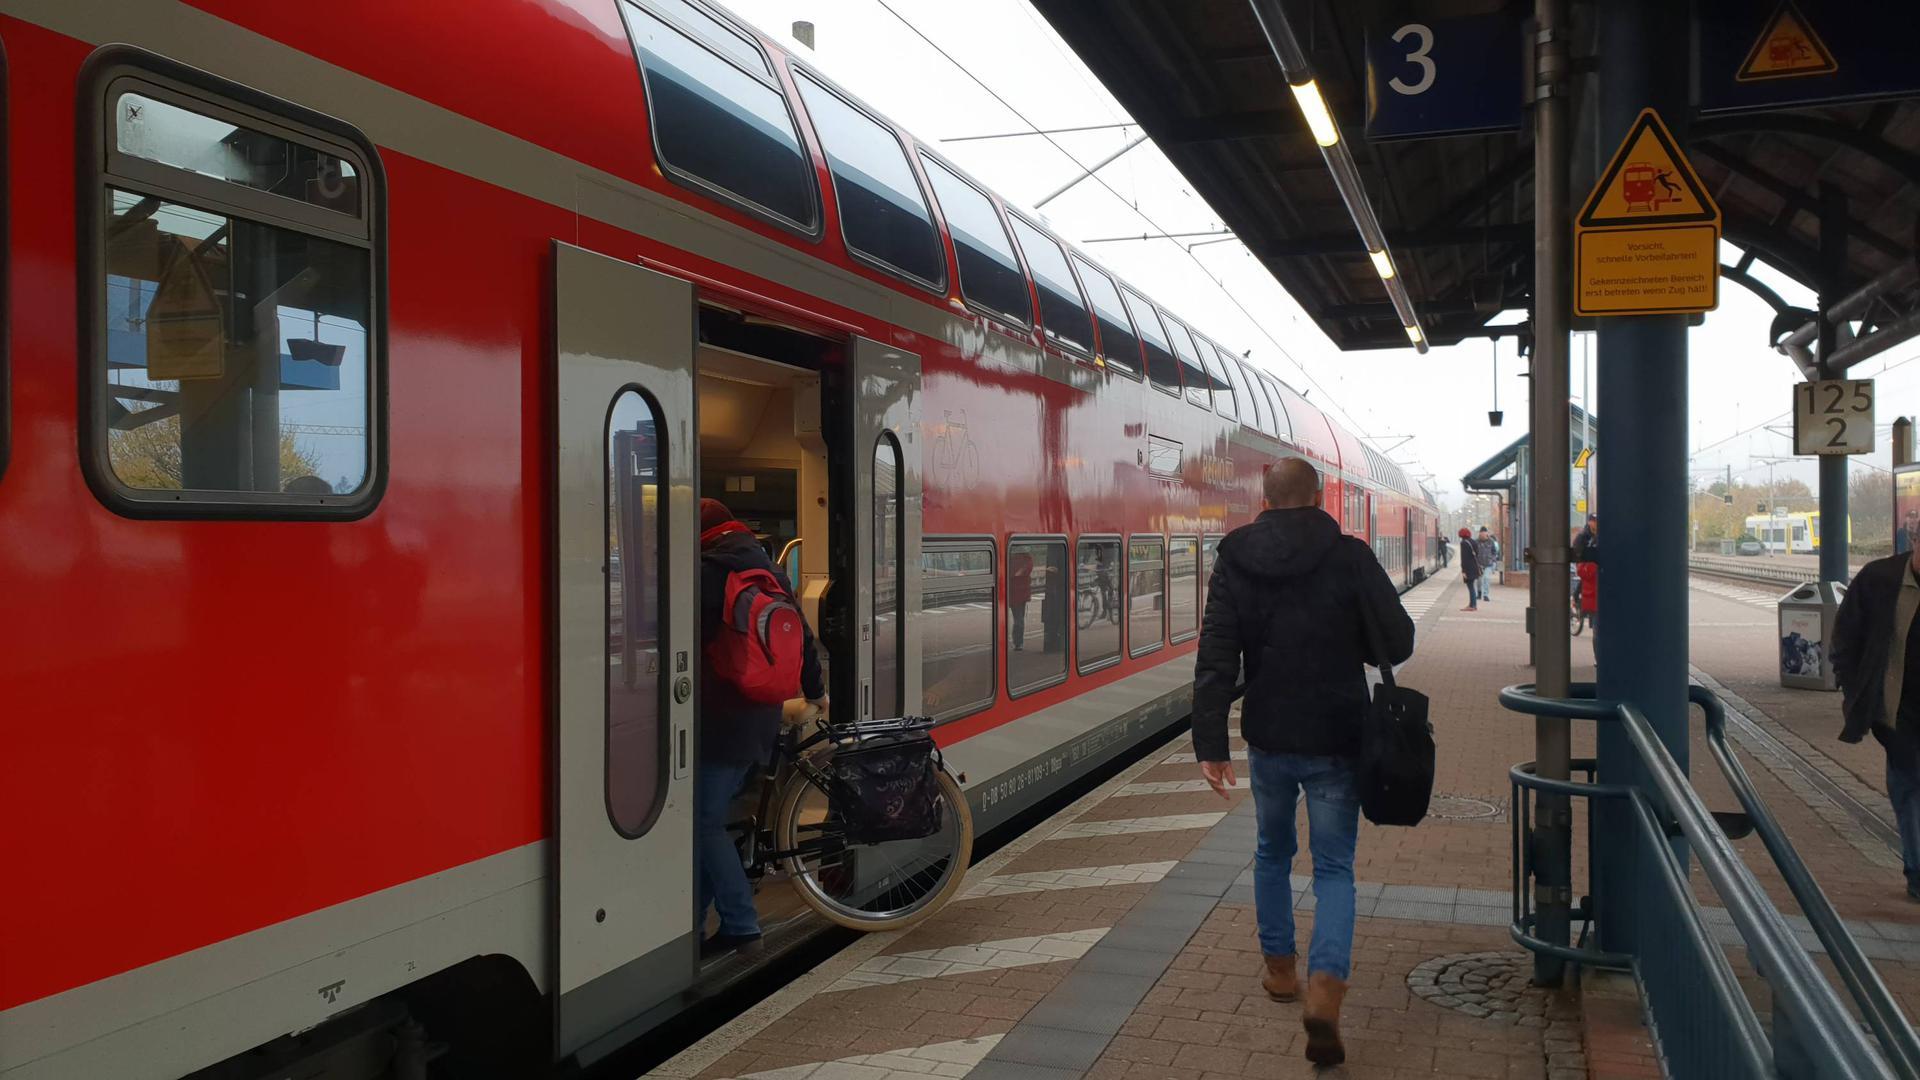 Pendler verlassen am Bahnhof in Achern den Regionalexpress aus Karlsruhe. Sie profitieren erst einmal nicht vom neuen BW-Tarif, weil der noch keine verbundübergreifenden Zeitkarten beinhaltet.